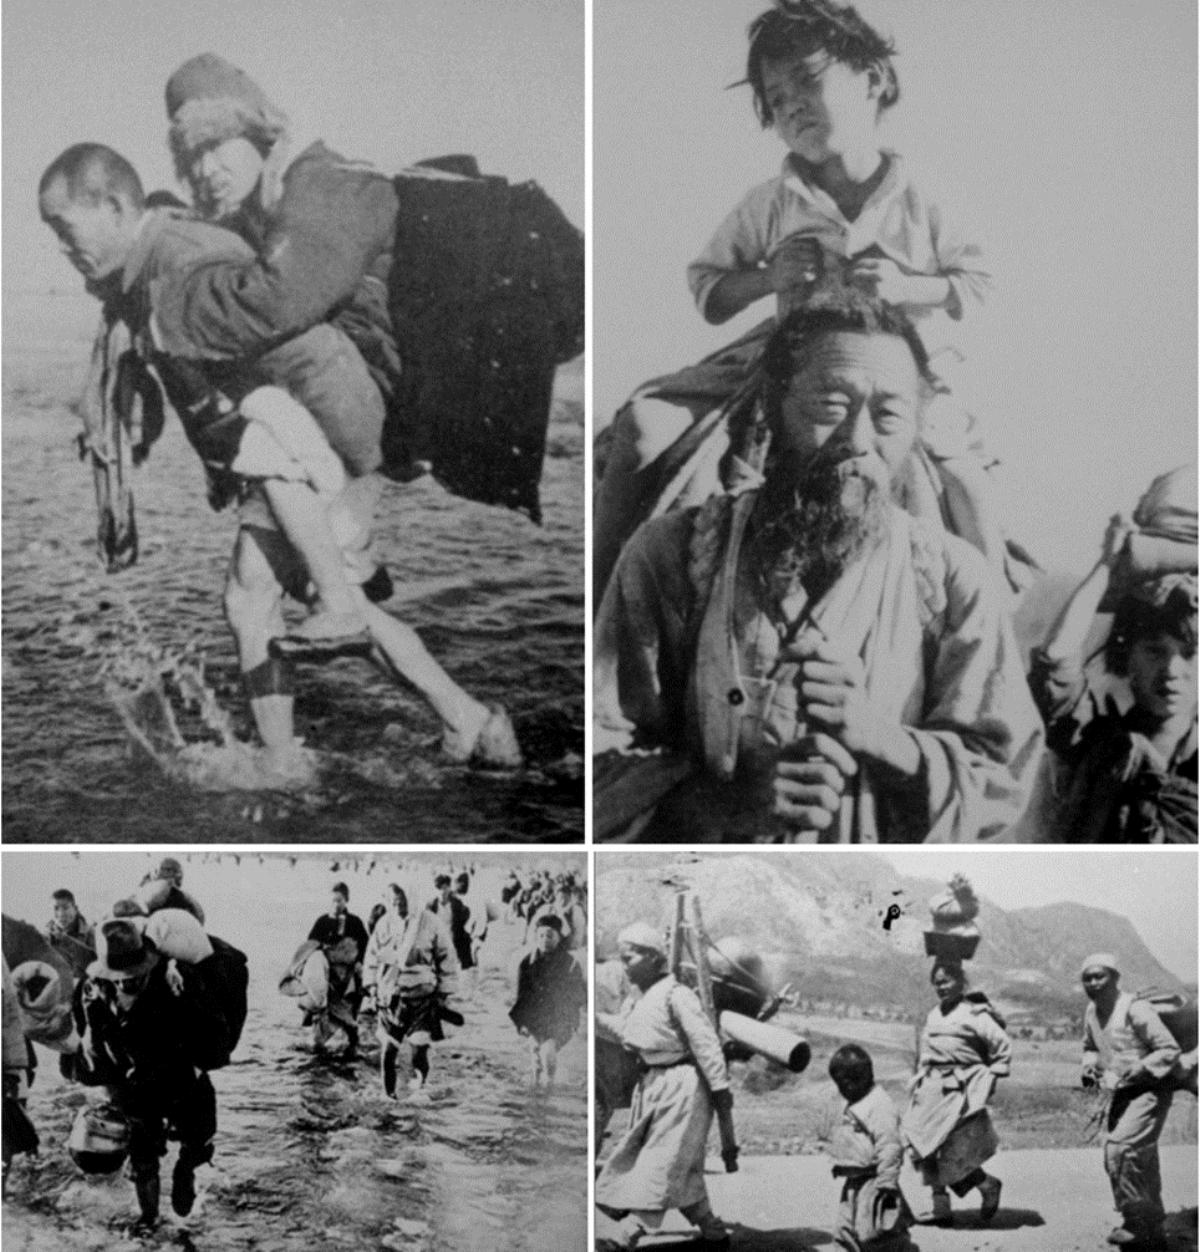 6.25 전쟁의 피난민 대열. 사진, 국가기록원 소장.